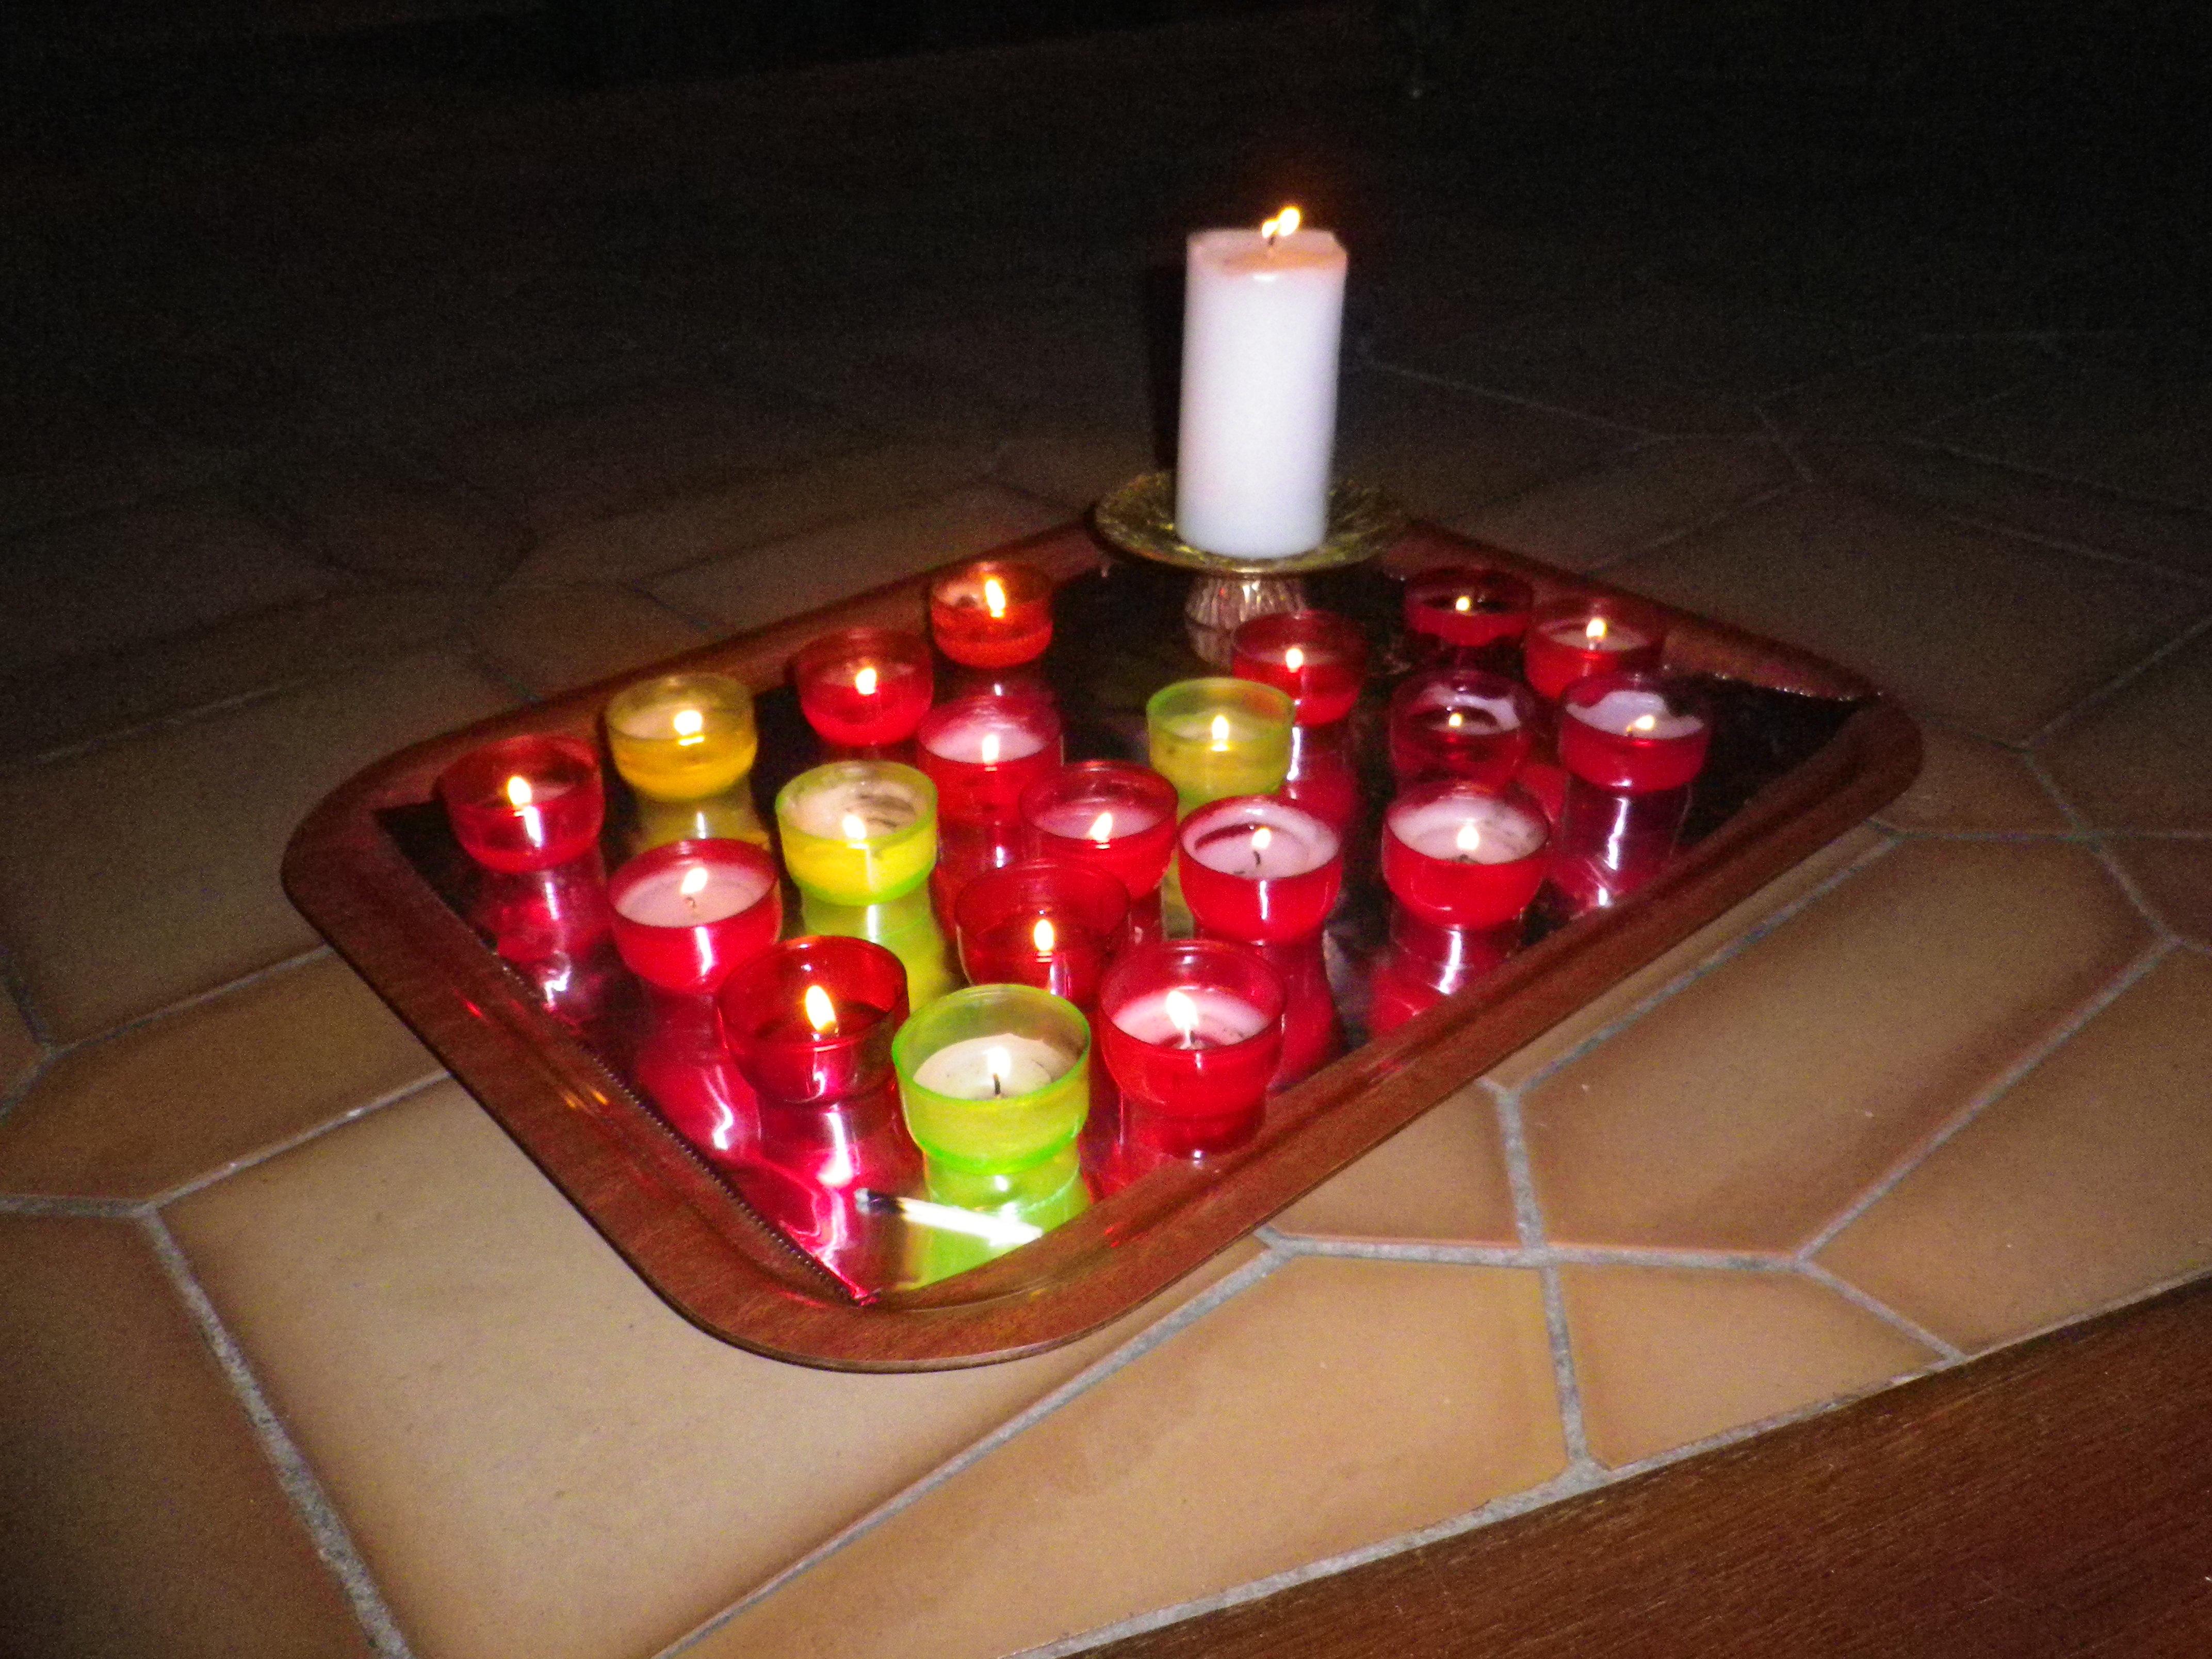 Les lumignons posés à proximité de l'autel, symbole de la prière des jeunes...